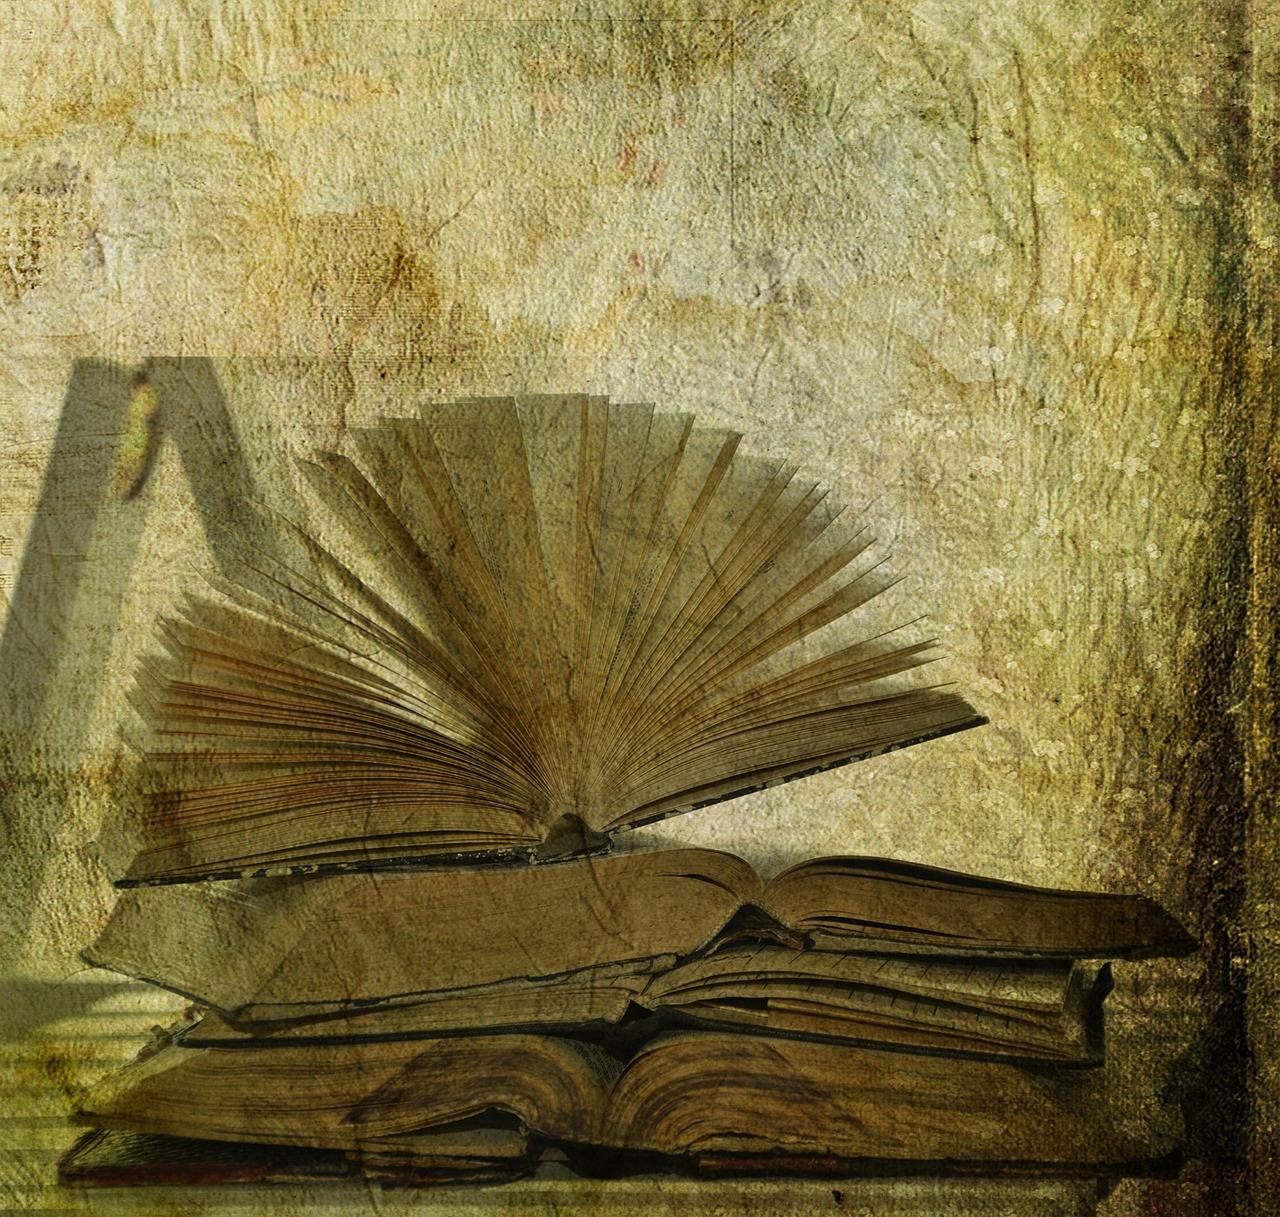 books-1283923_1280.jpg